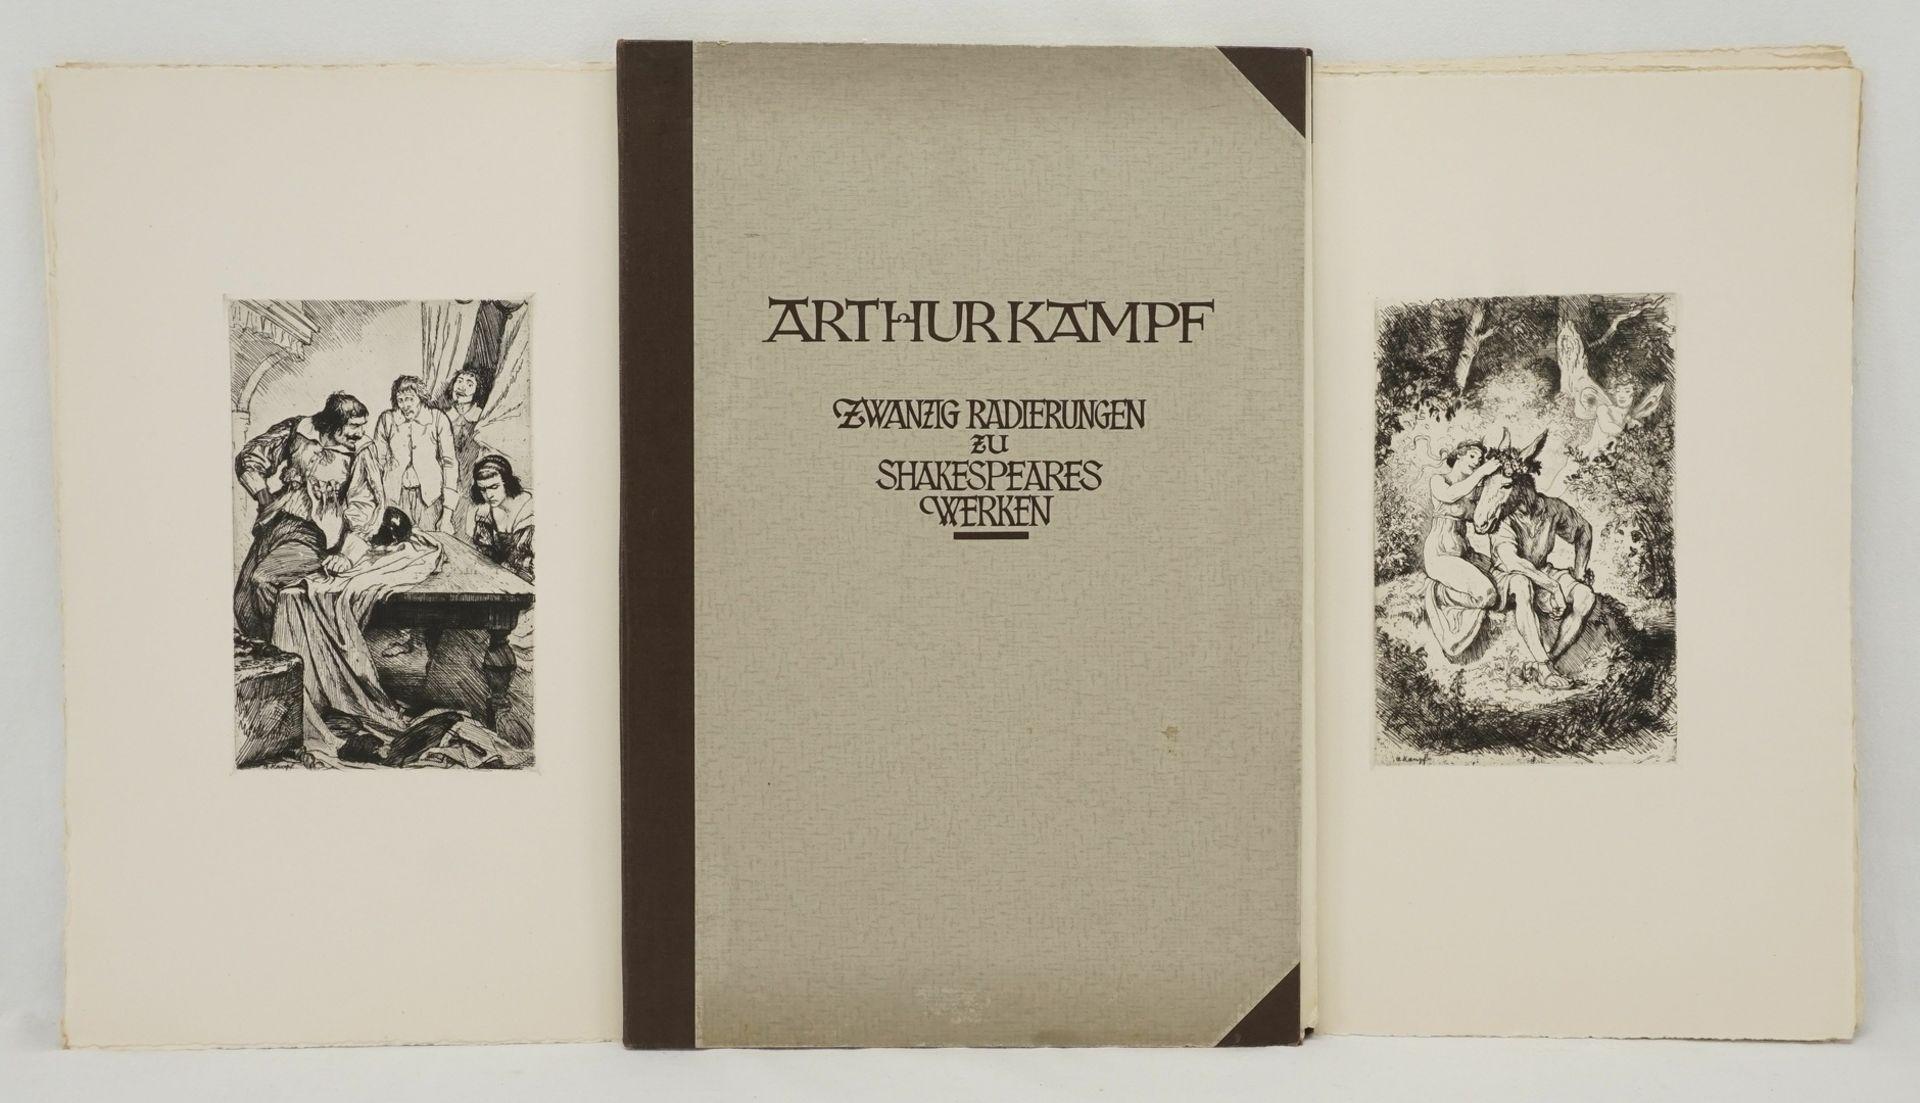 """Arthur Kampf, """"Zwanzig Radierungen zu Shakespeares Werken"""" (Mappe)"""